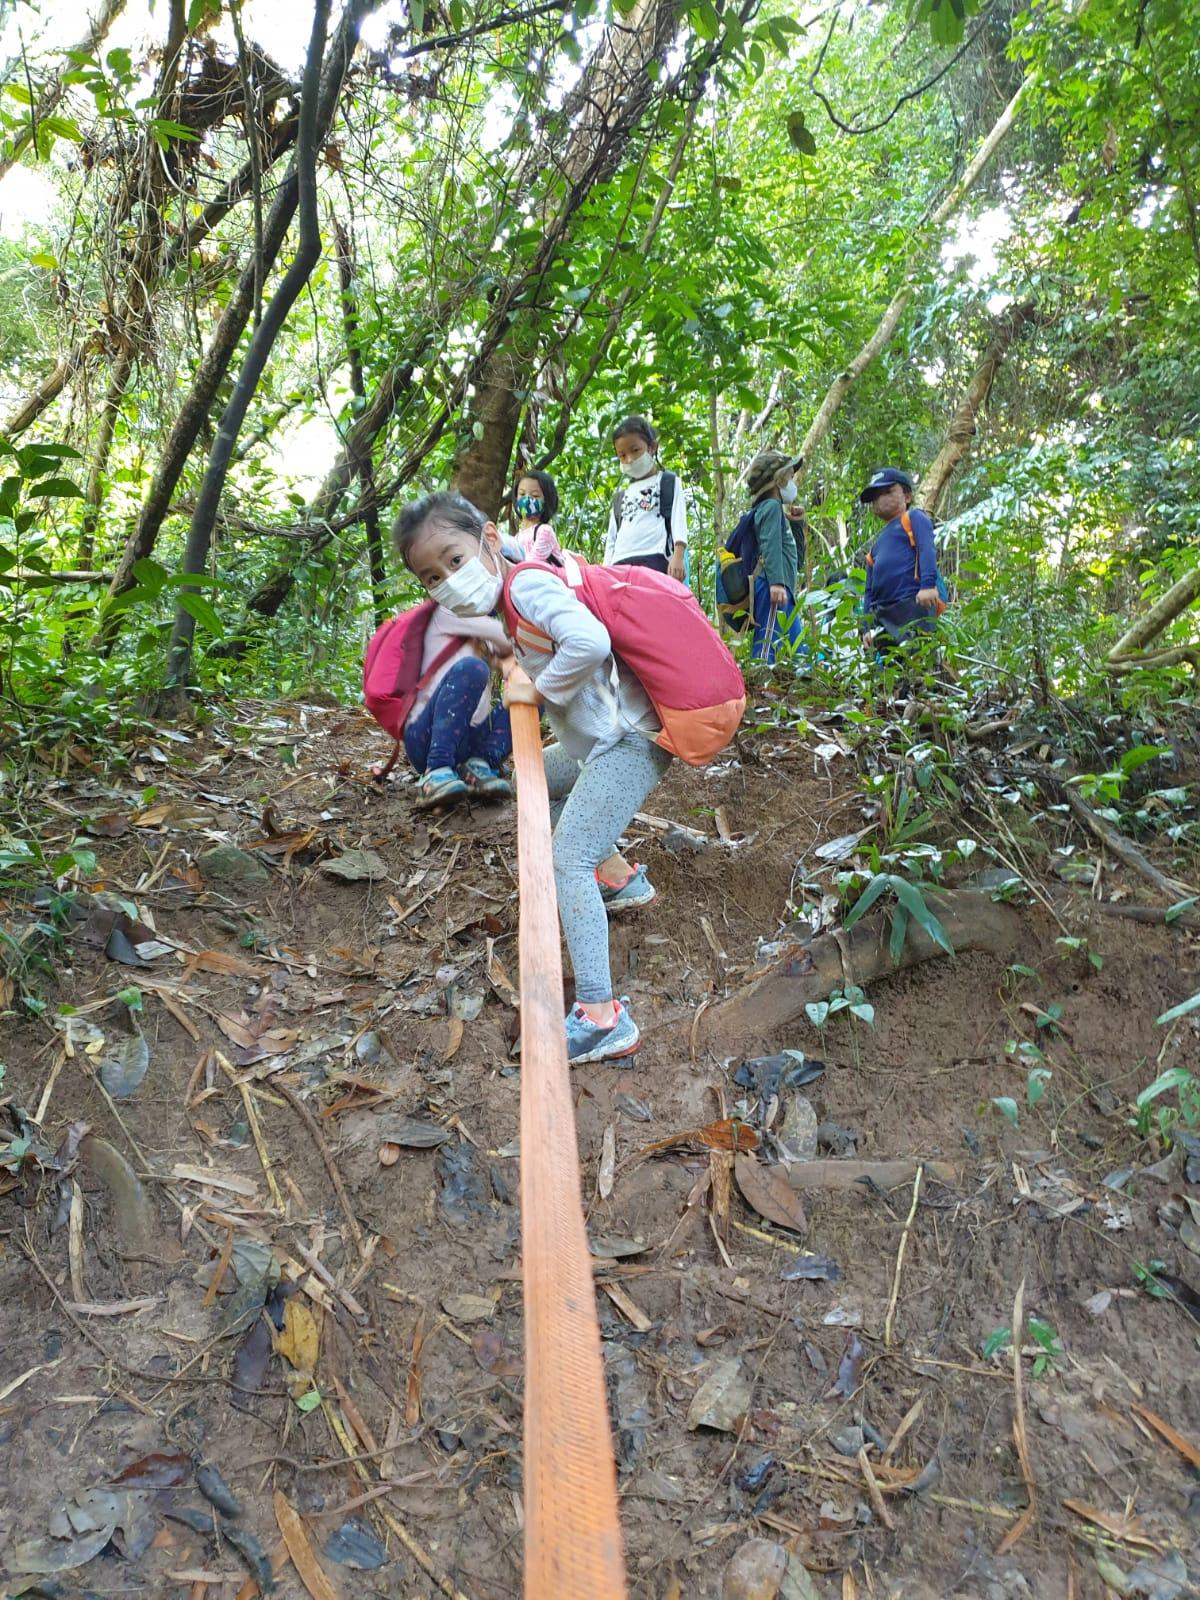 Climbing hills